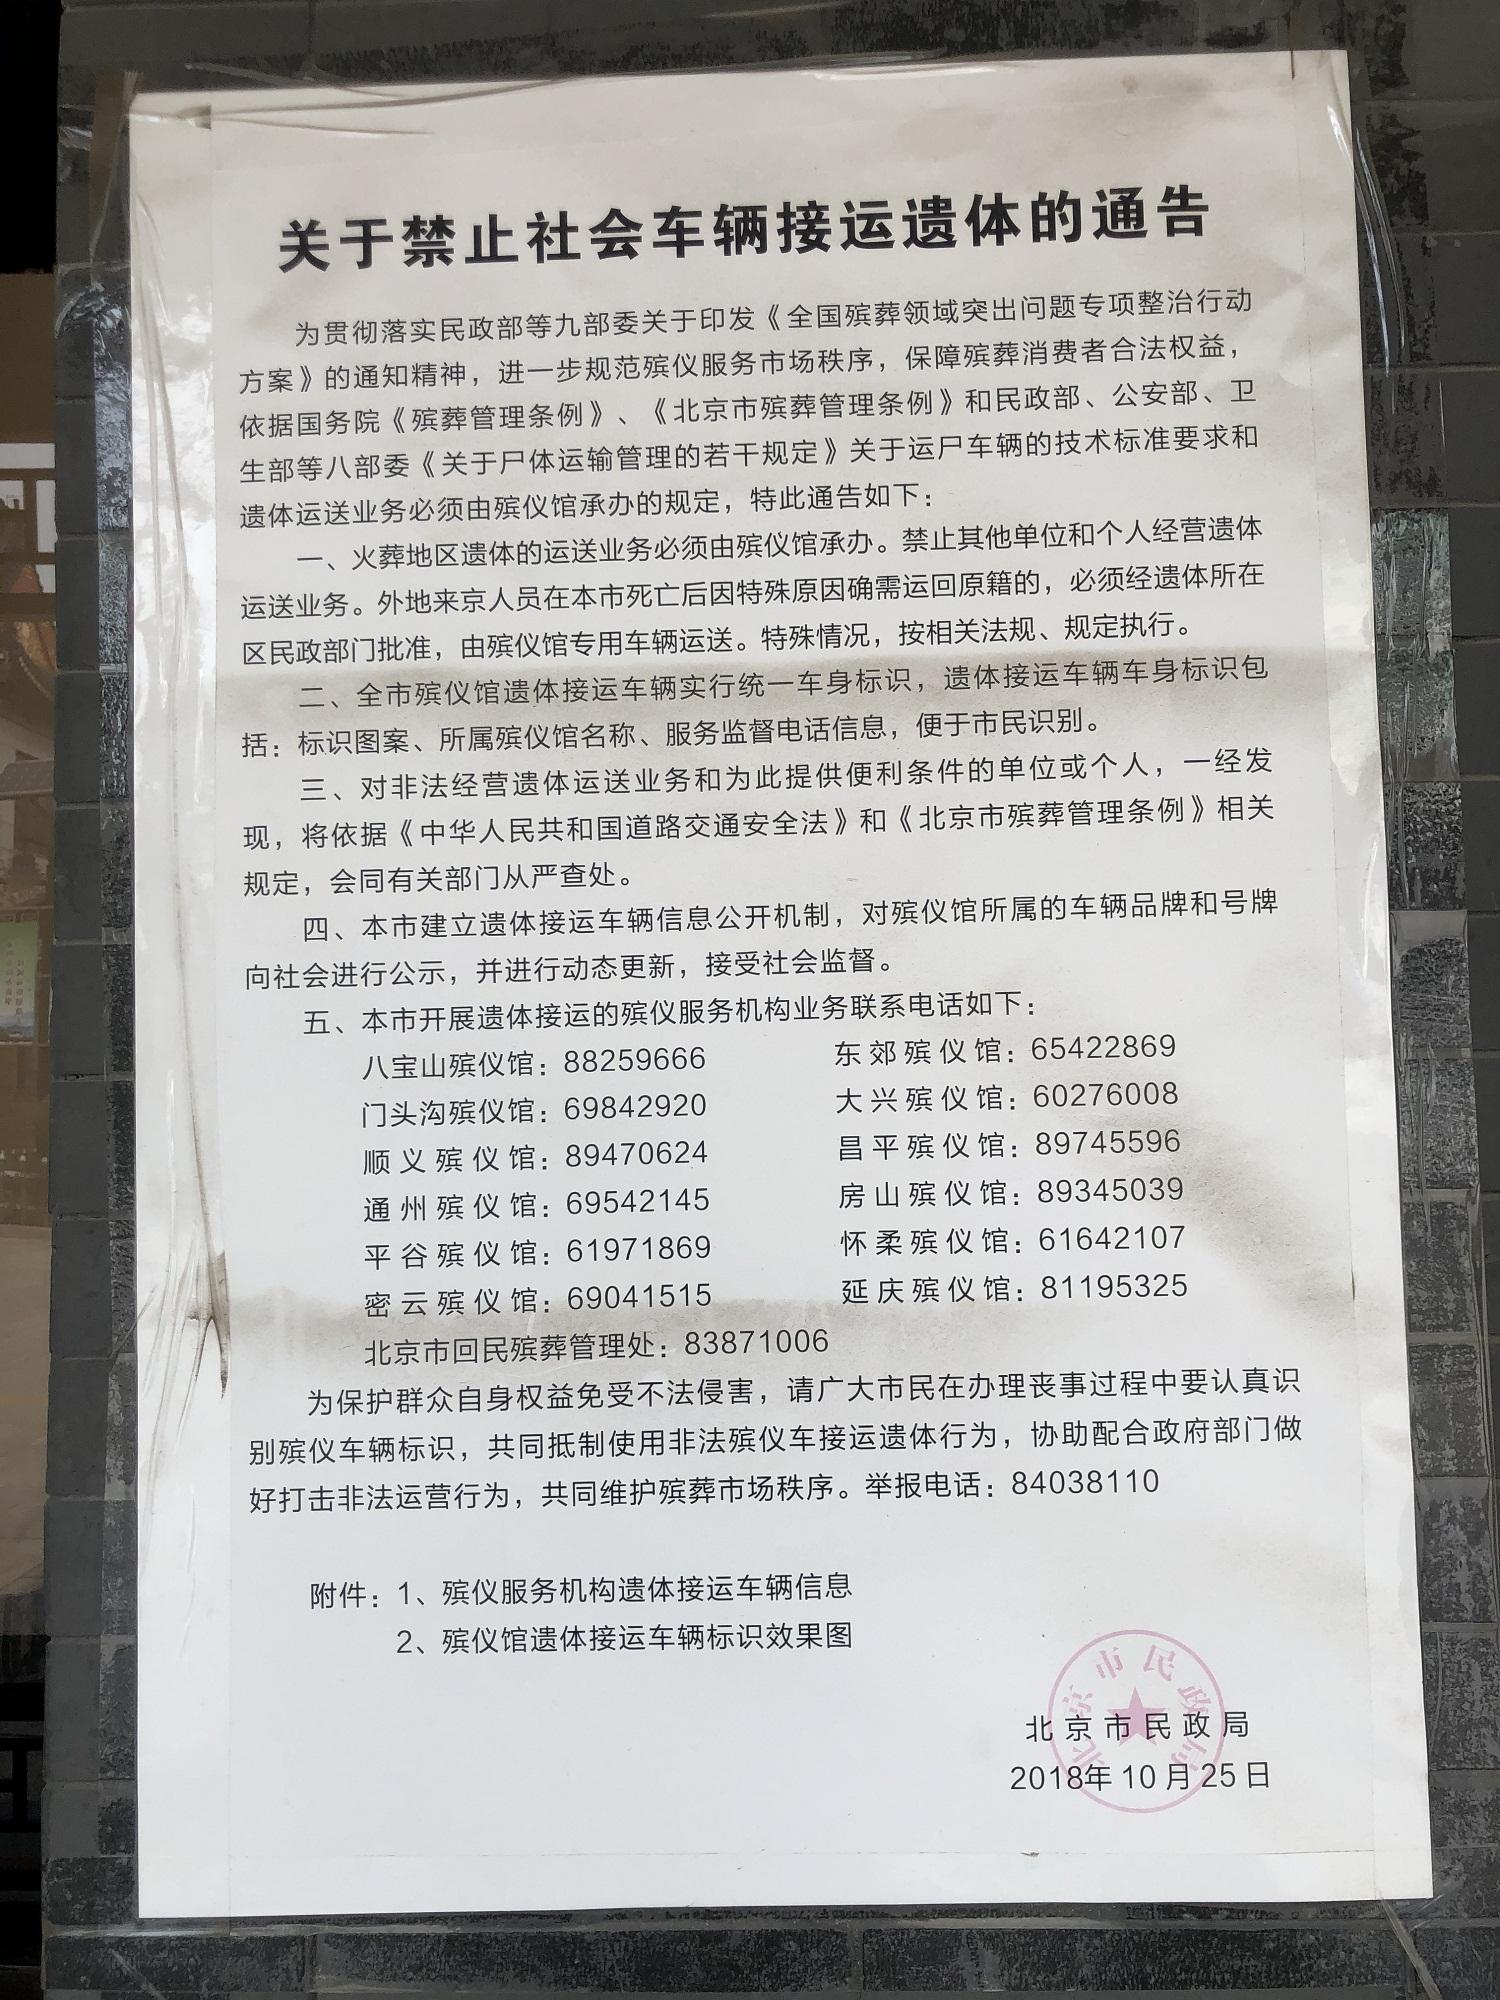 在殡仪馆张贴的通告